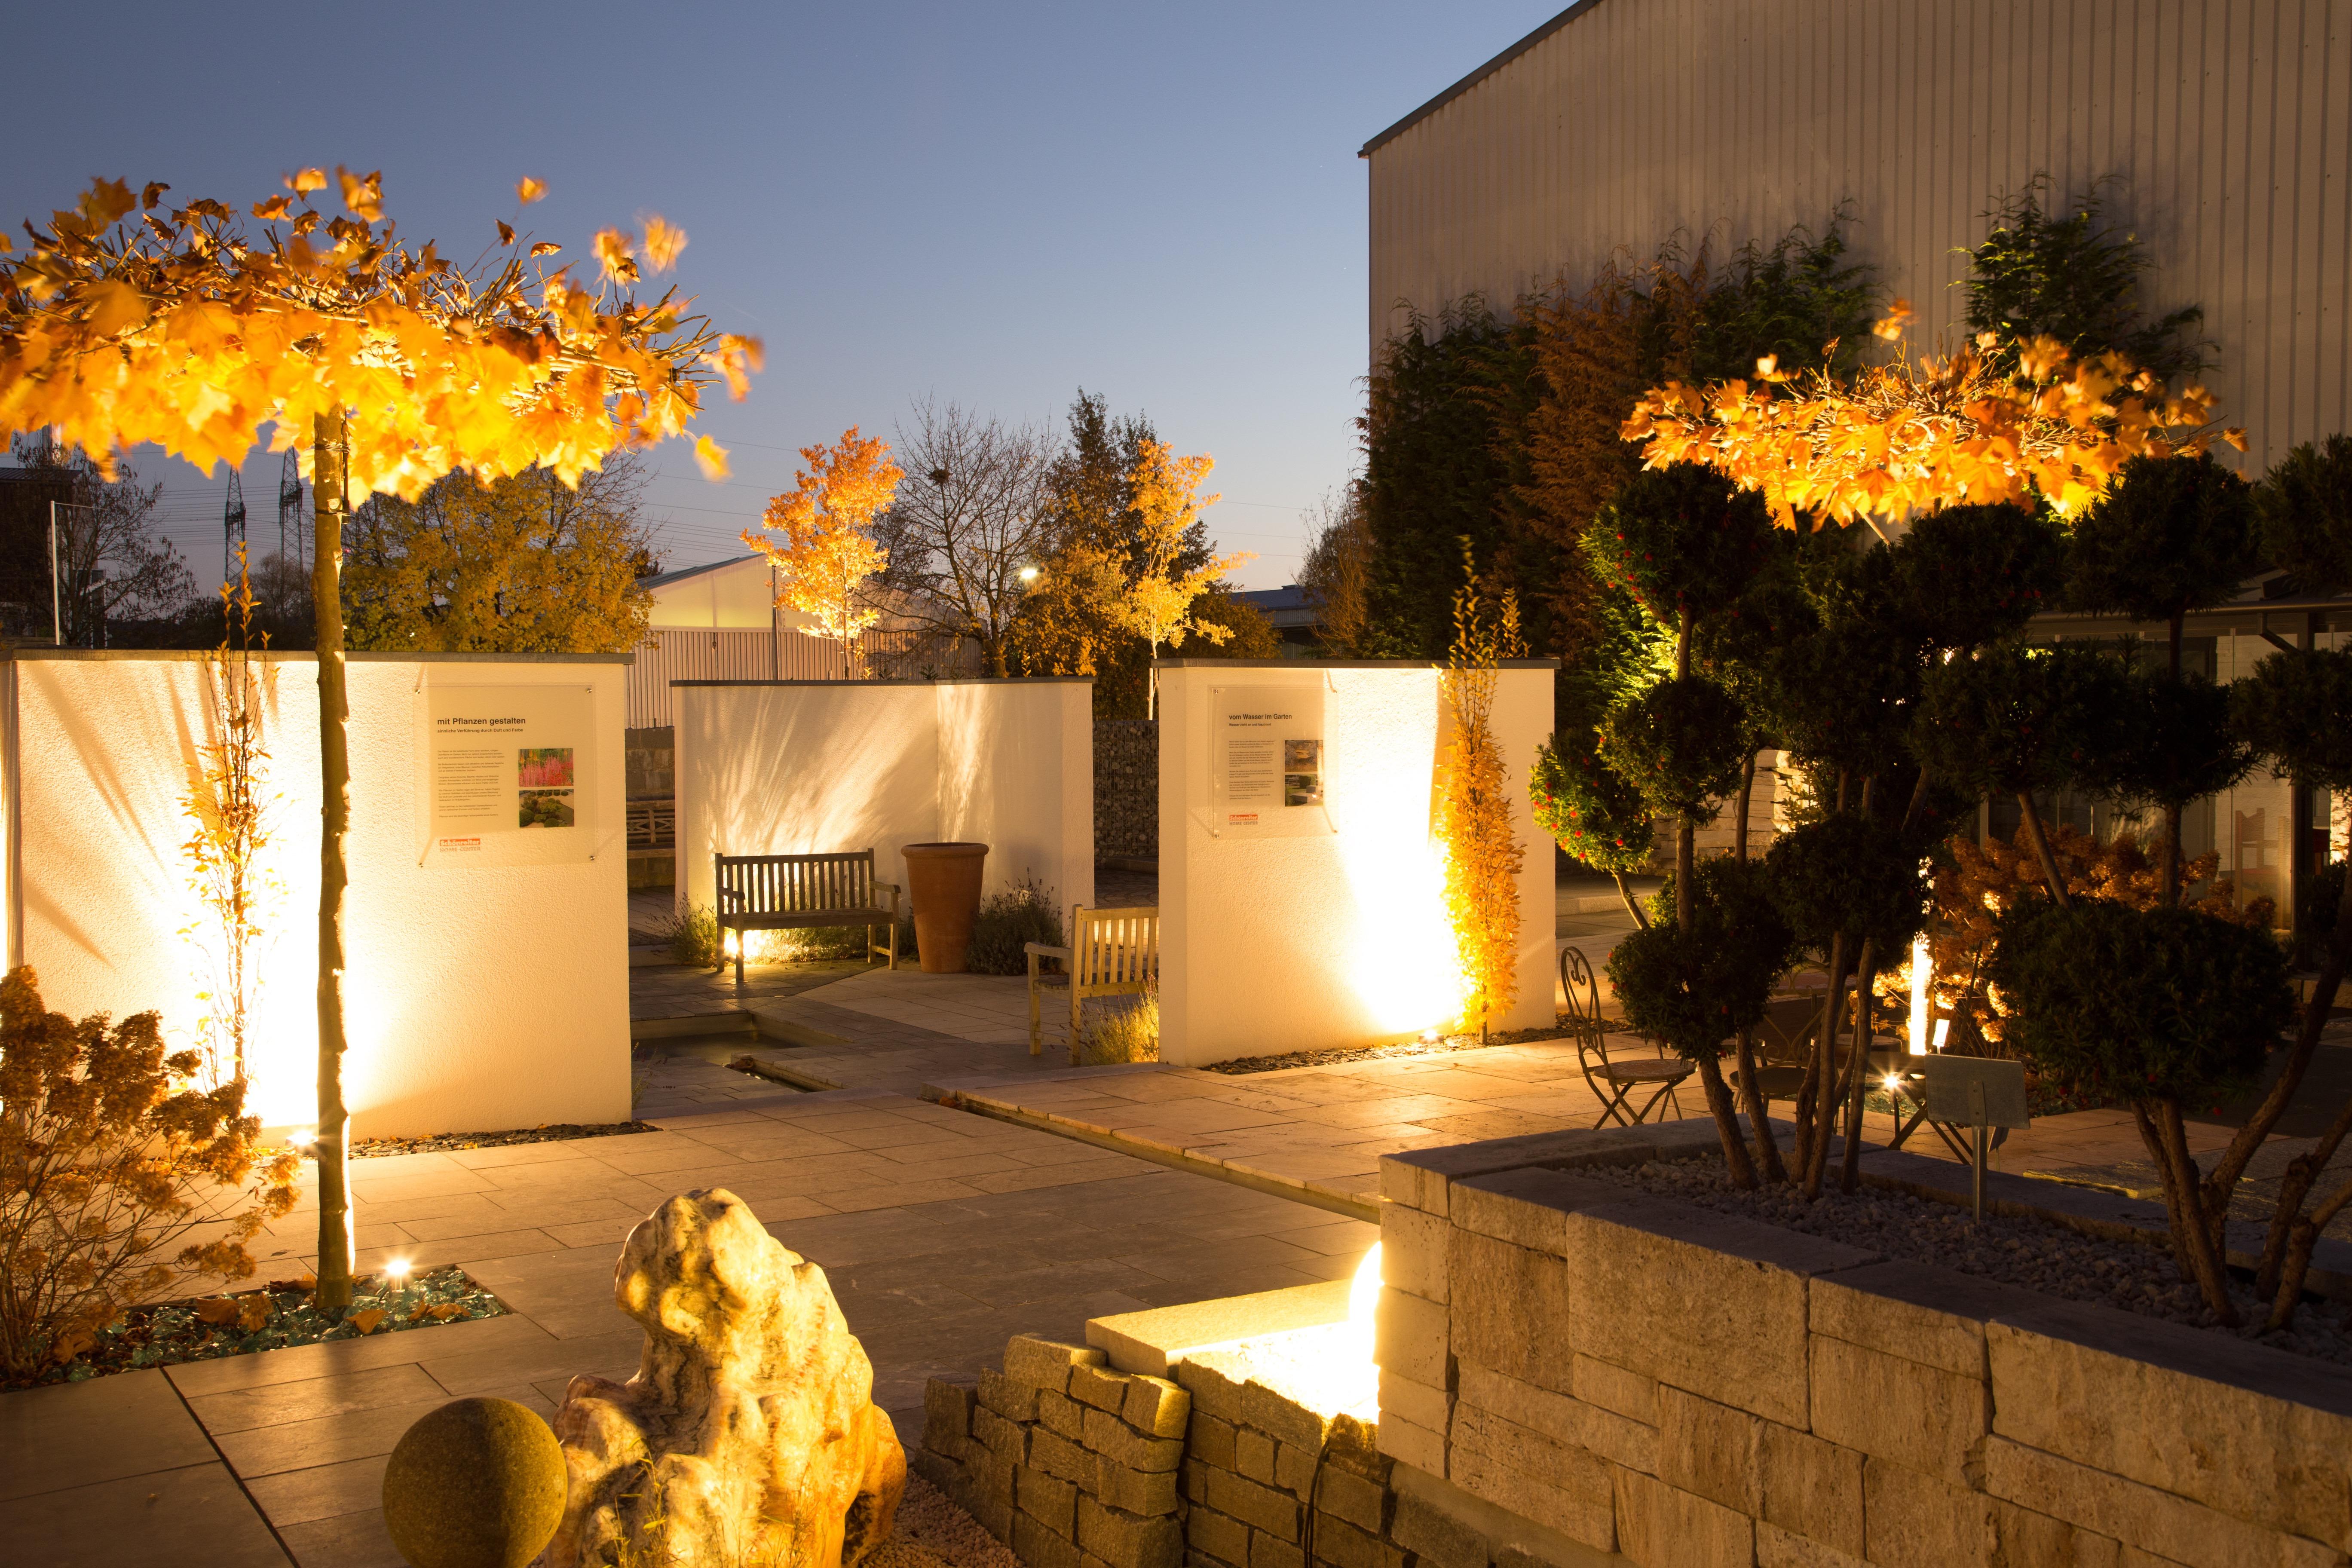 Garten Naturstein Schonreiter Baustoffe Bauen Modernisieren